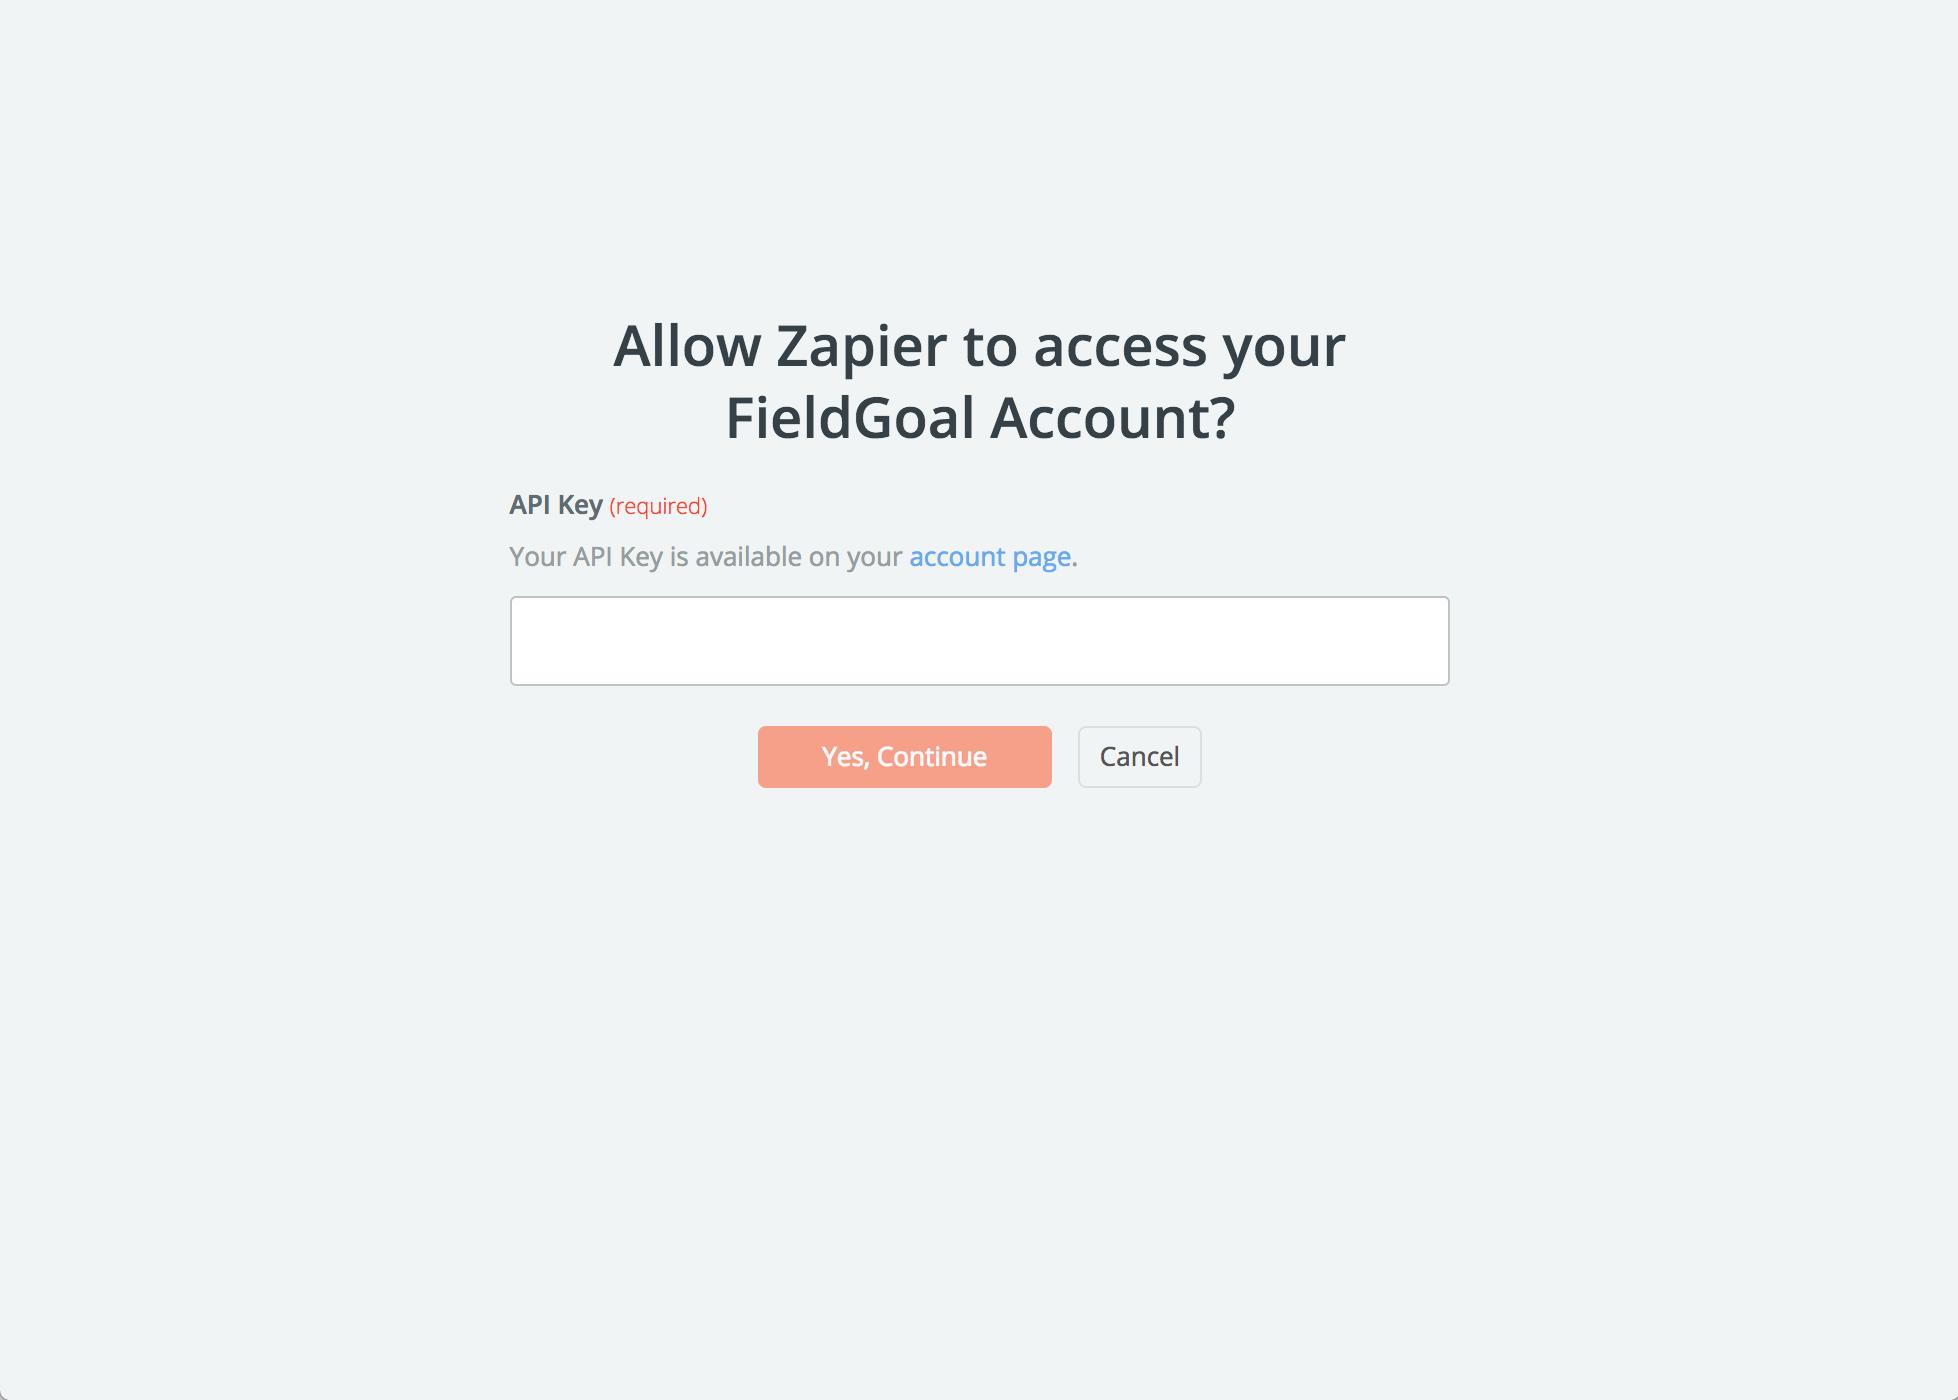 FieldGoal API Key